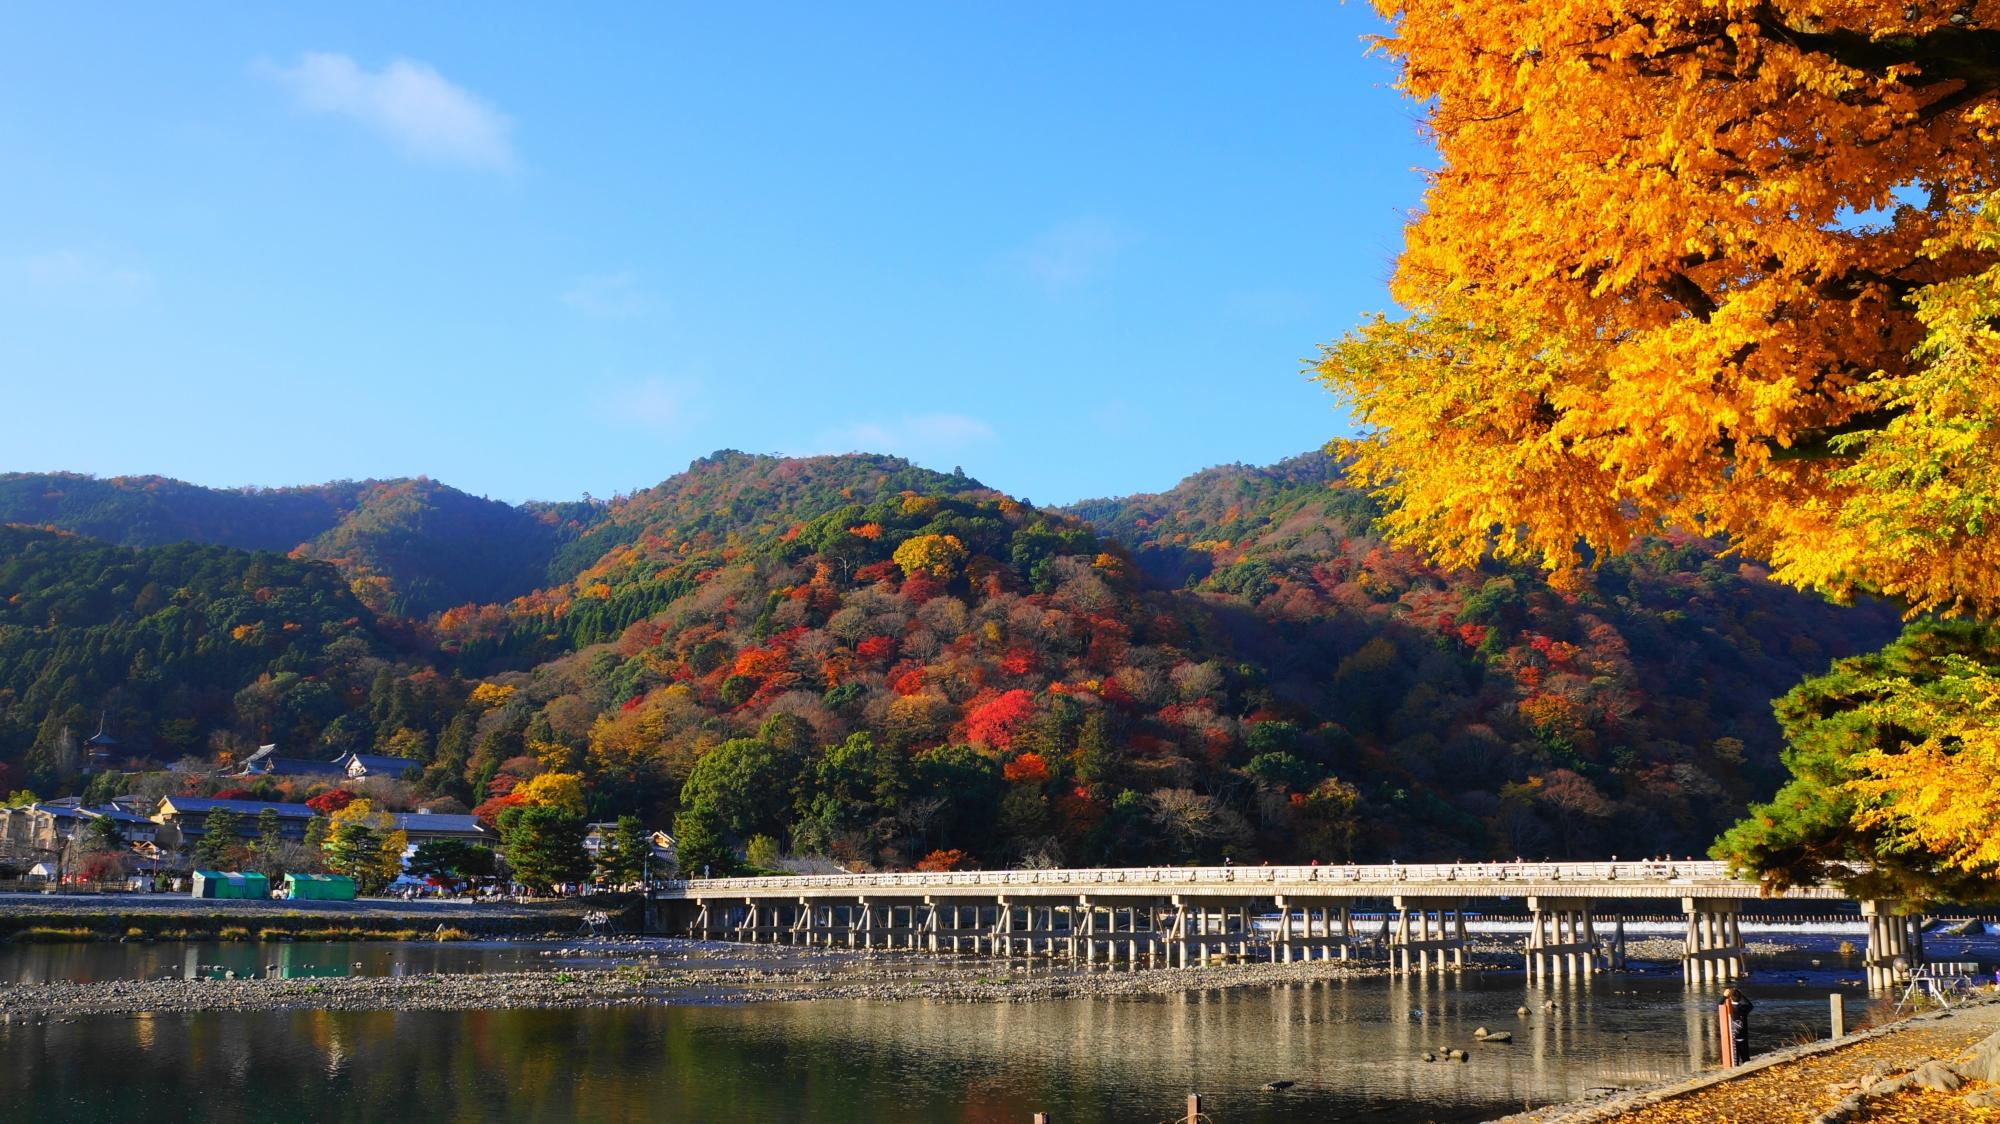 嵐山と渡月橋の華やかな秋の彩り